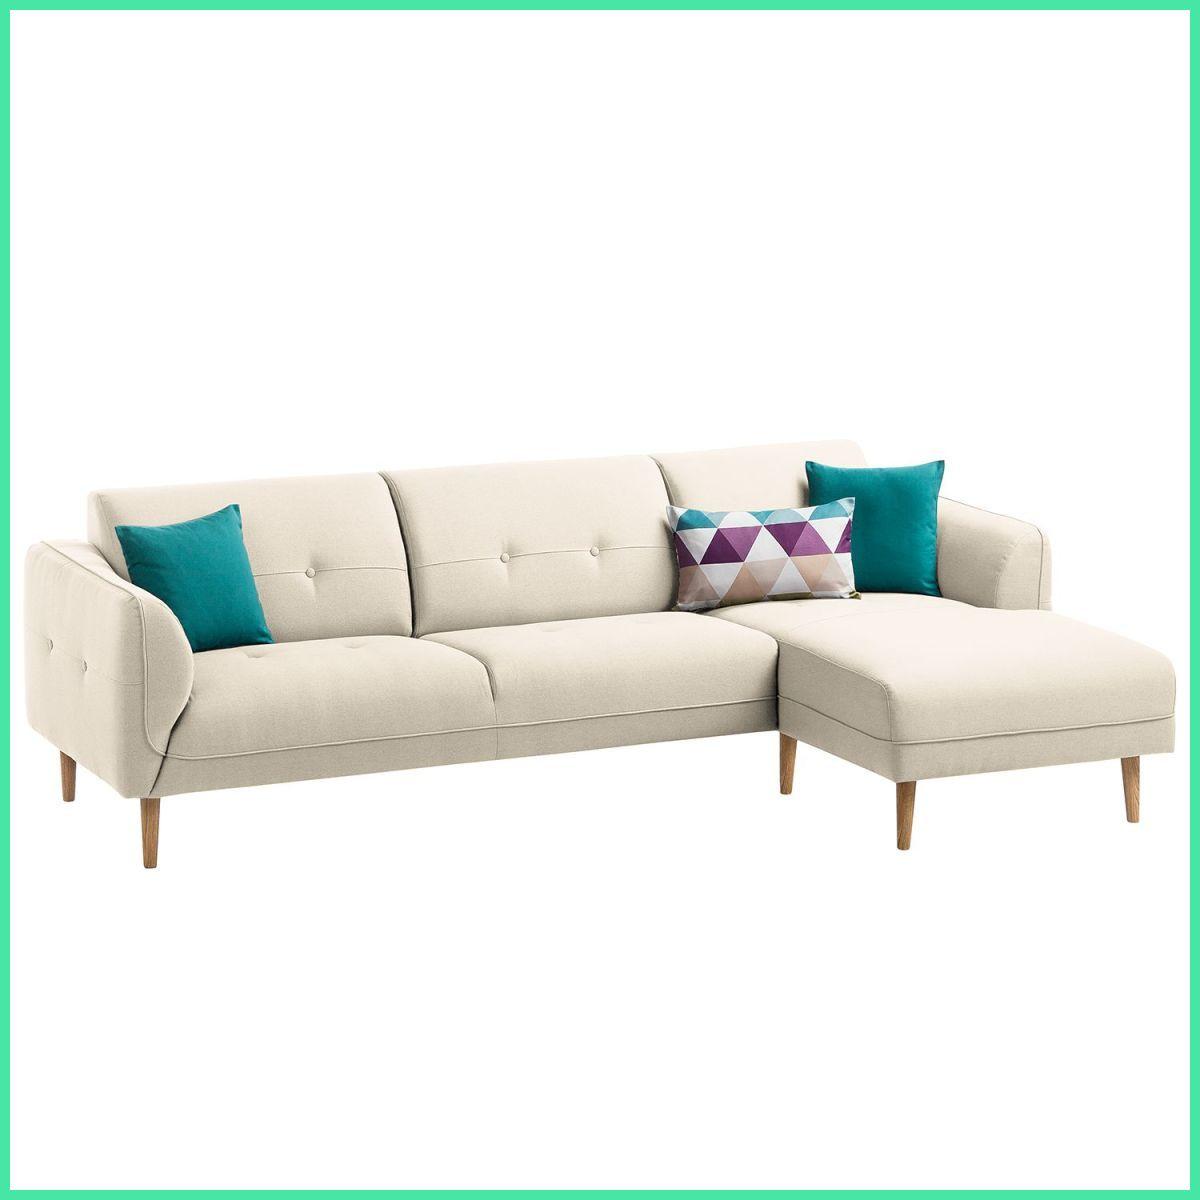 15 Hervorragend Ecksofa Eiche Ecksofas Moderne Couch Sofa